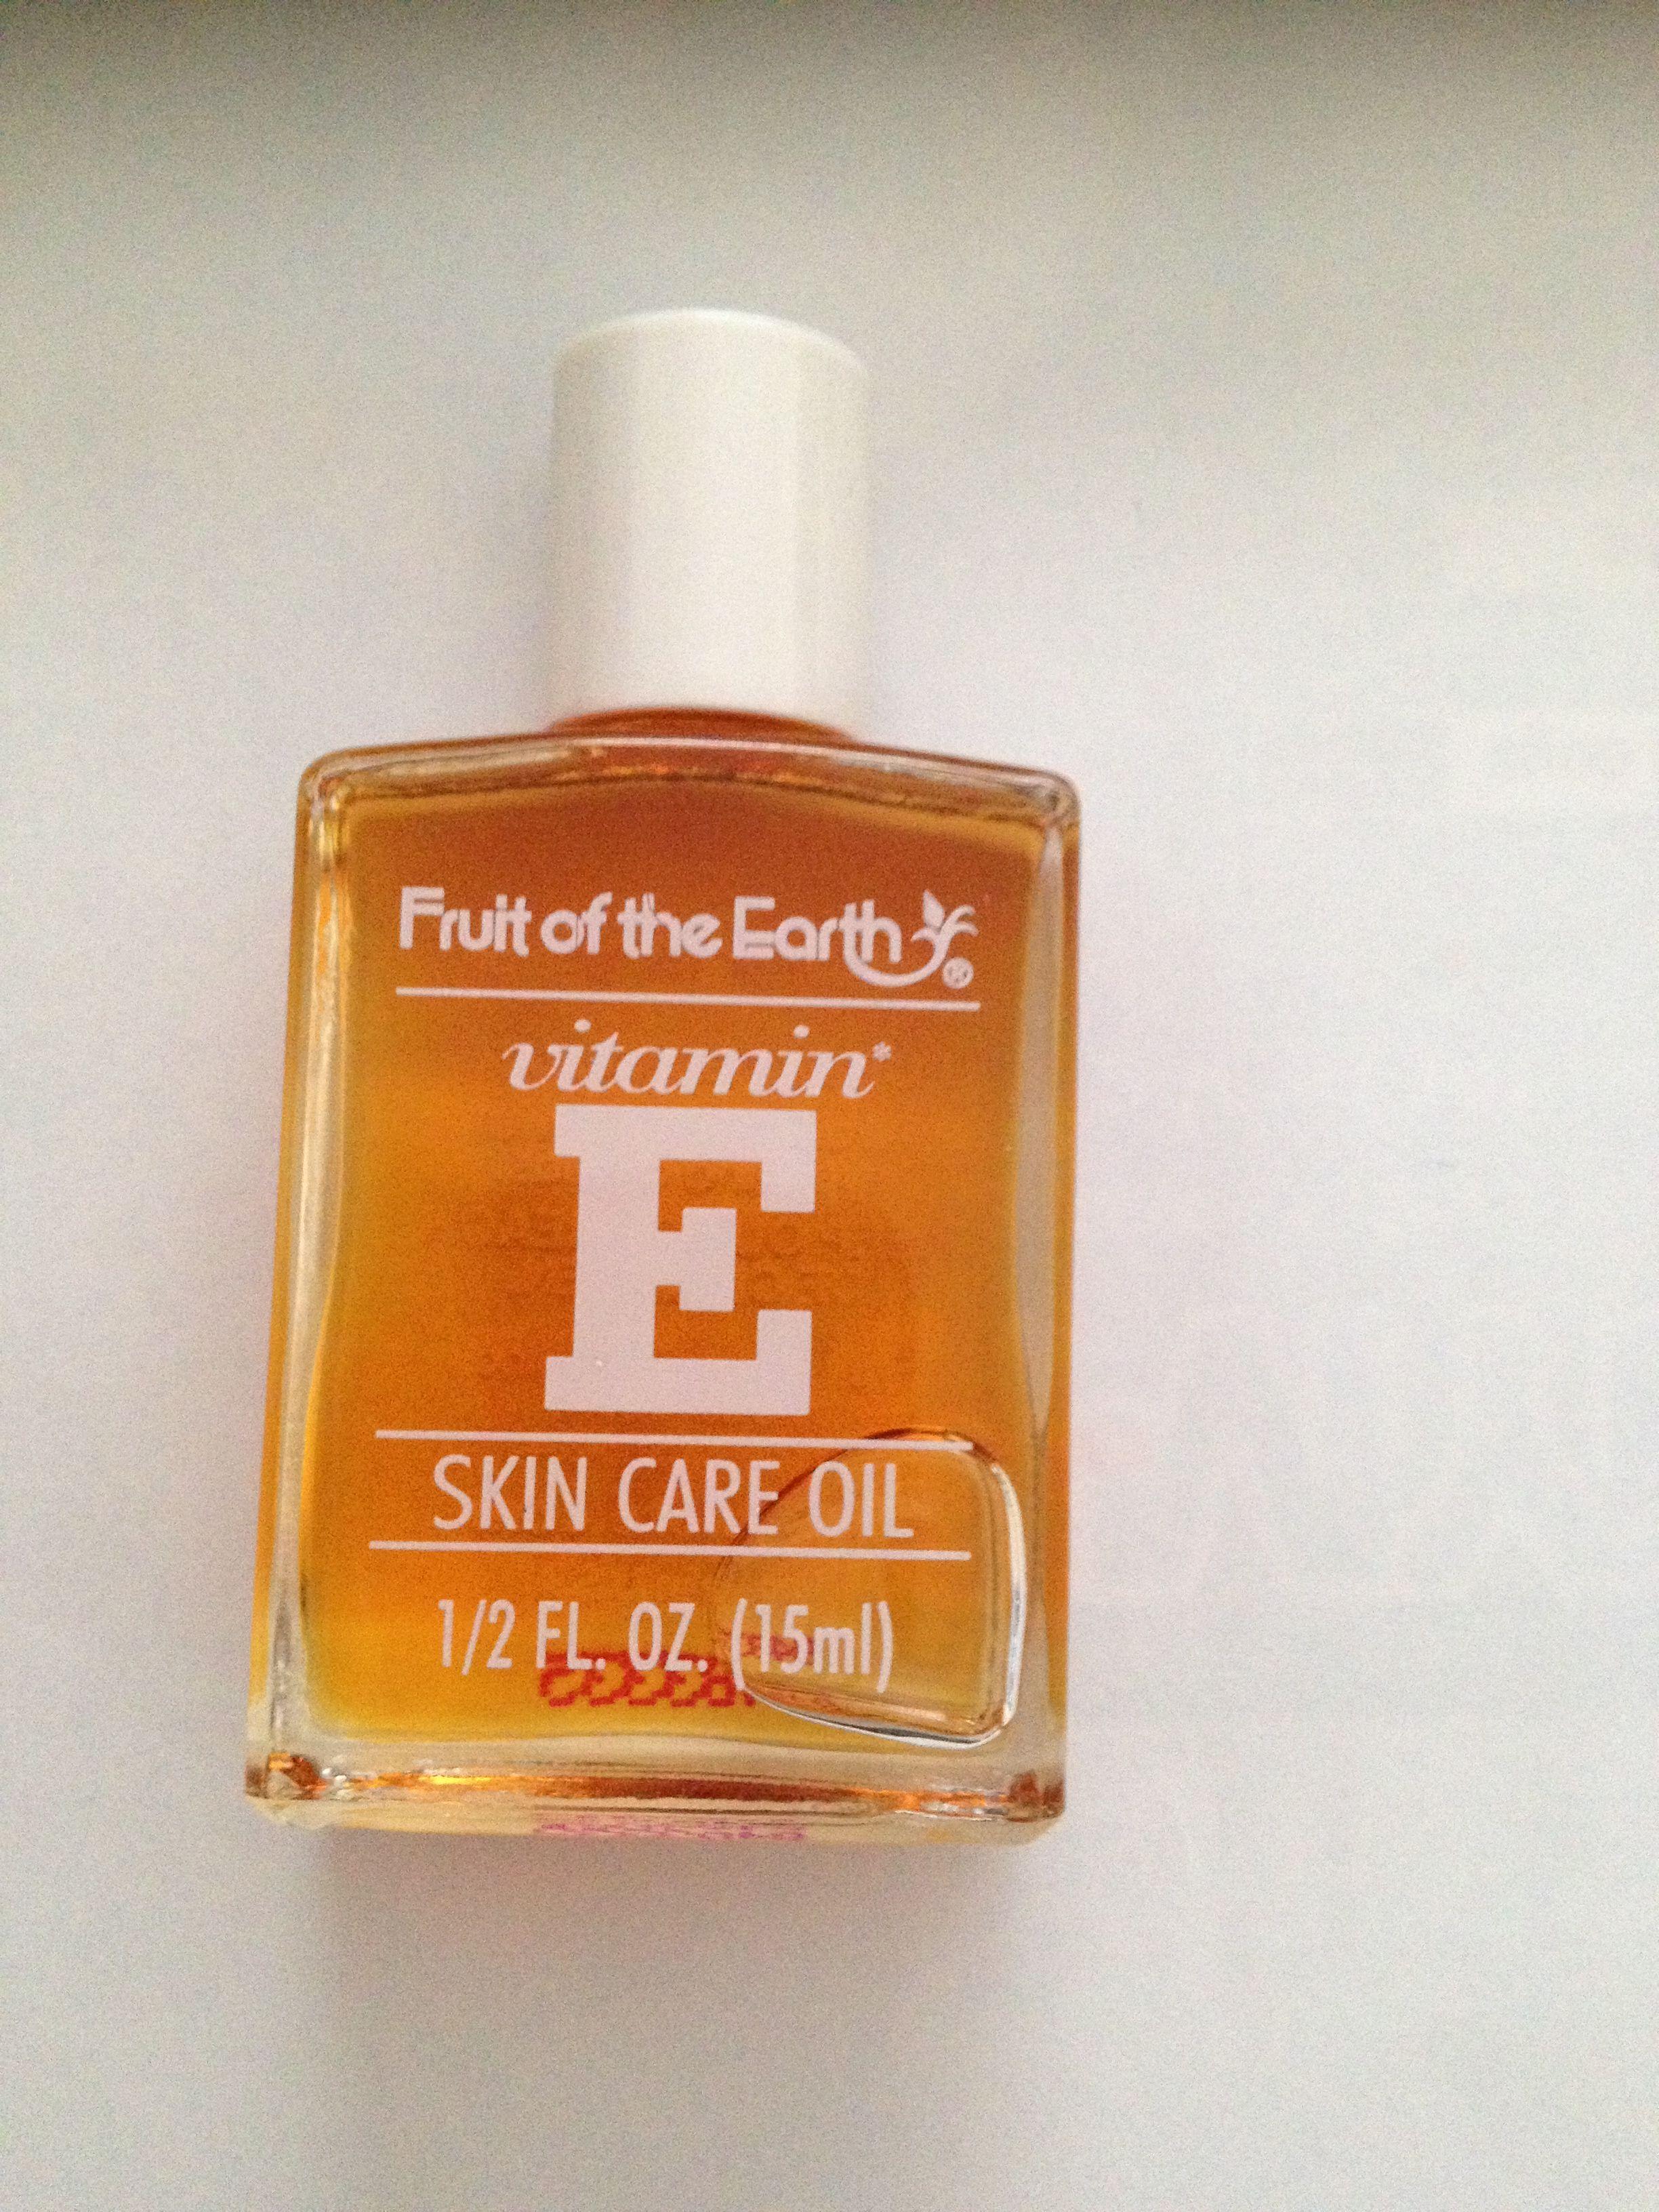 Fruit Of The Earth Vitamin E Skin Care Oil Unopened 5 Oil Skin Care Oils For Skin Vitamin E